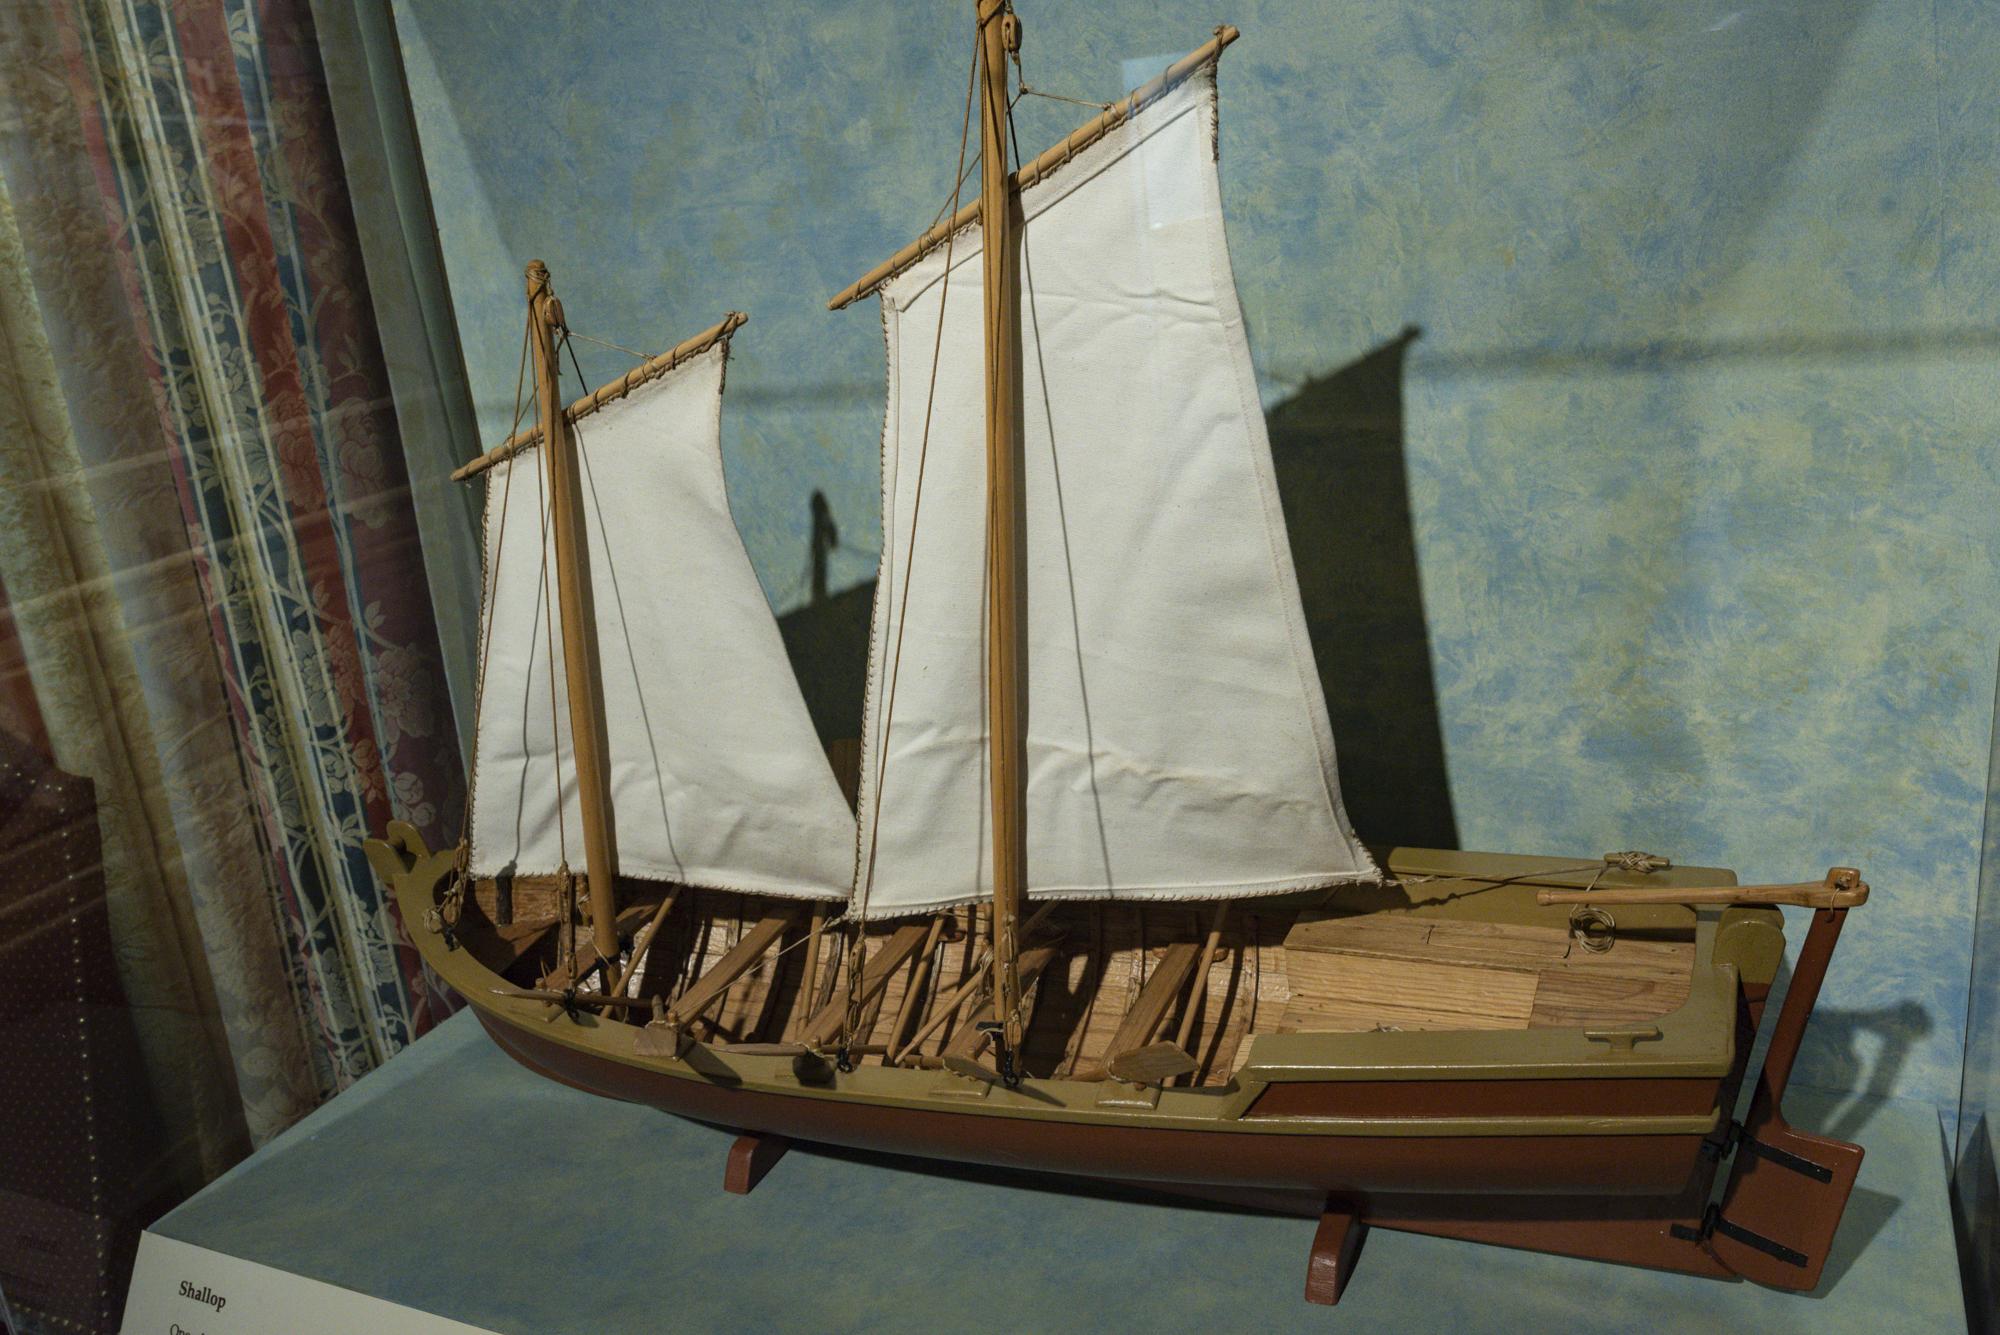 I love the model boats